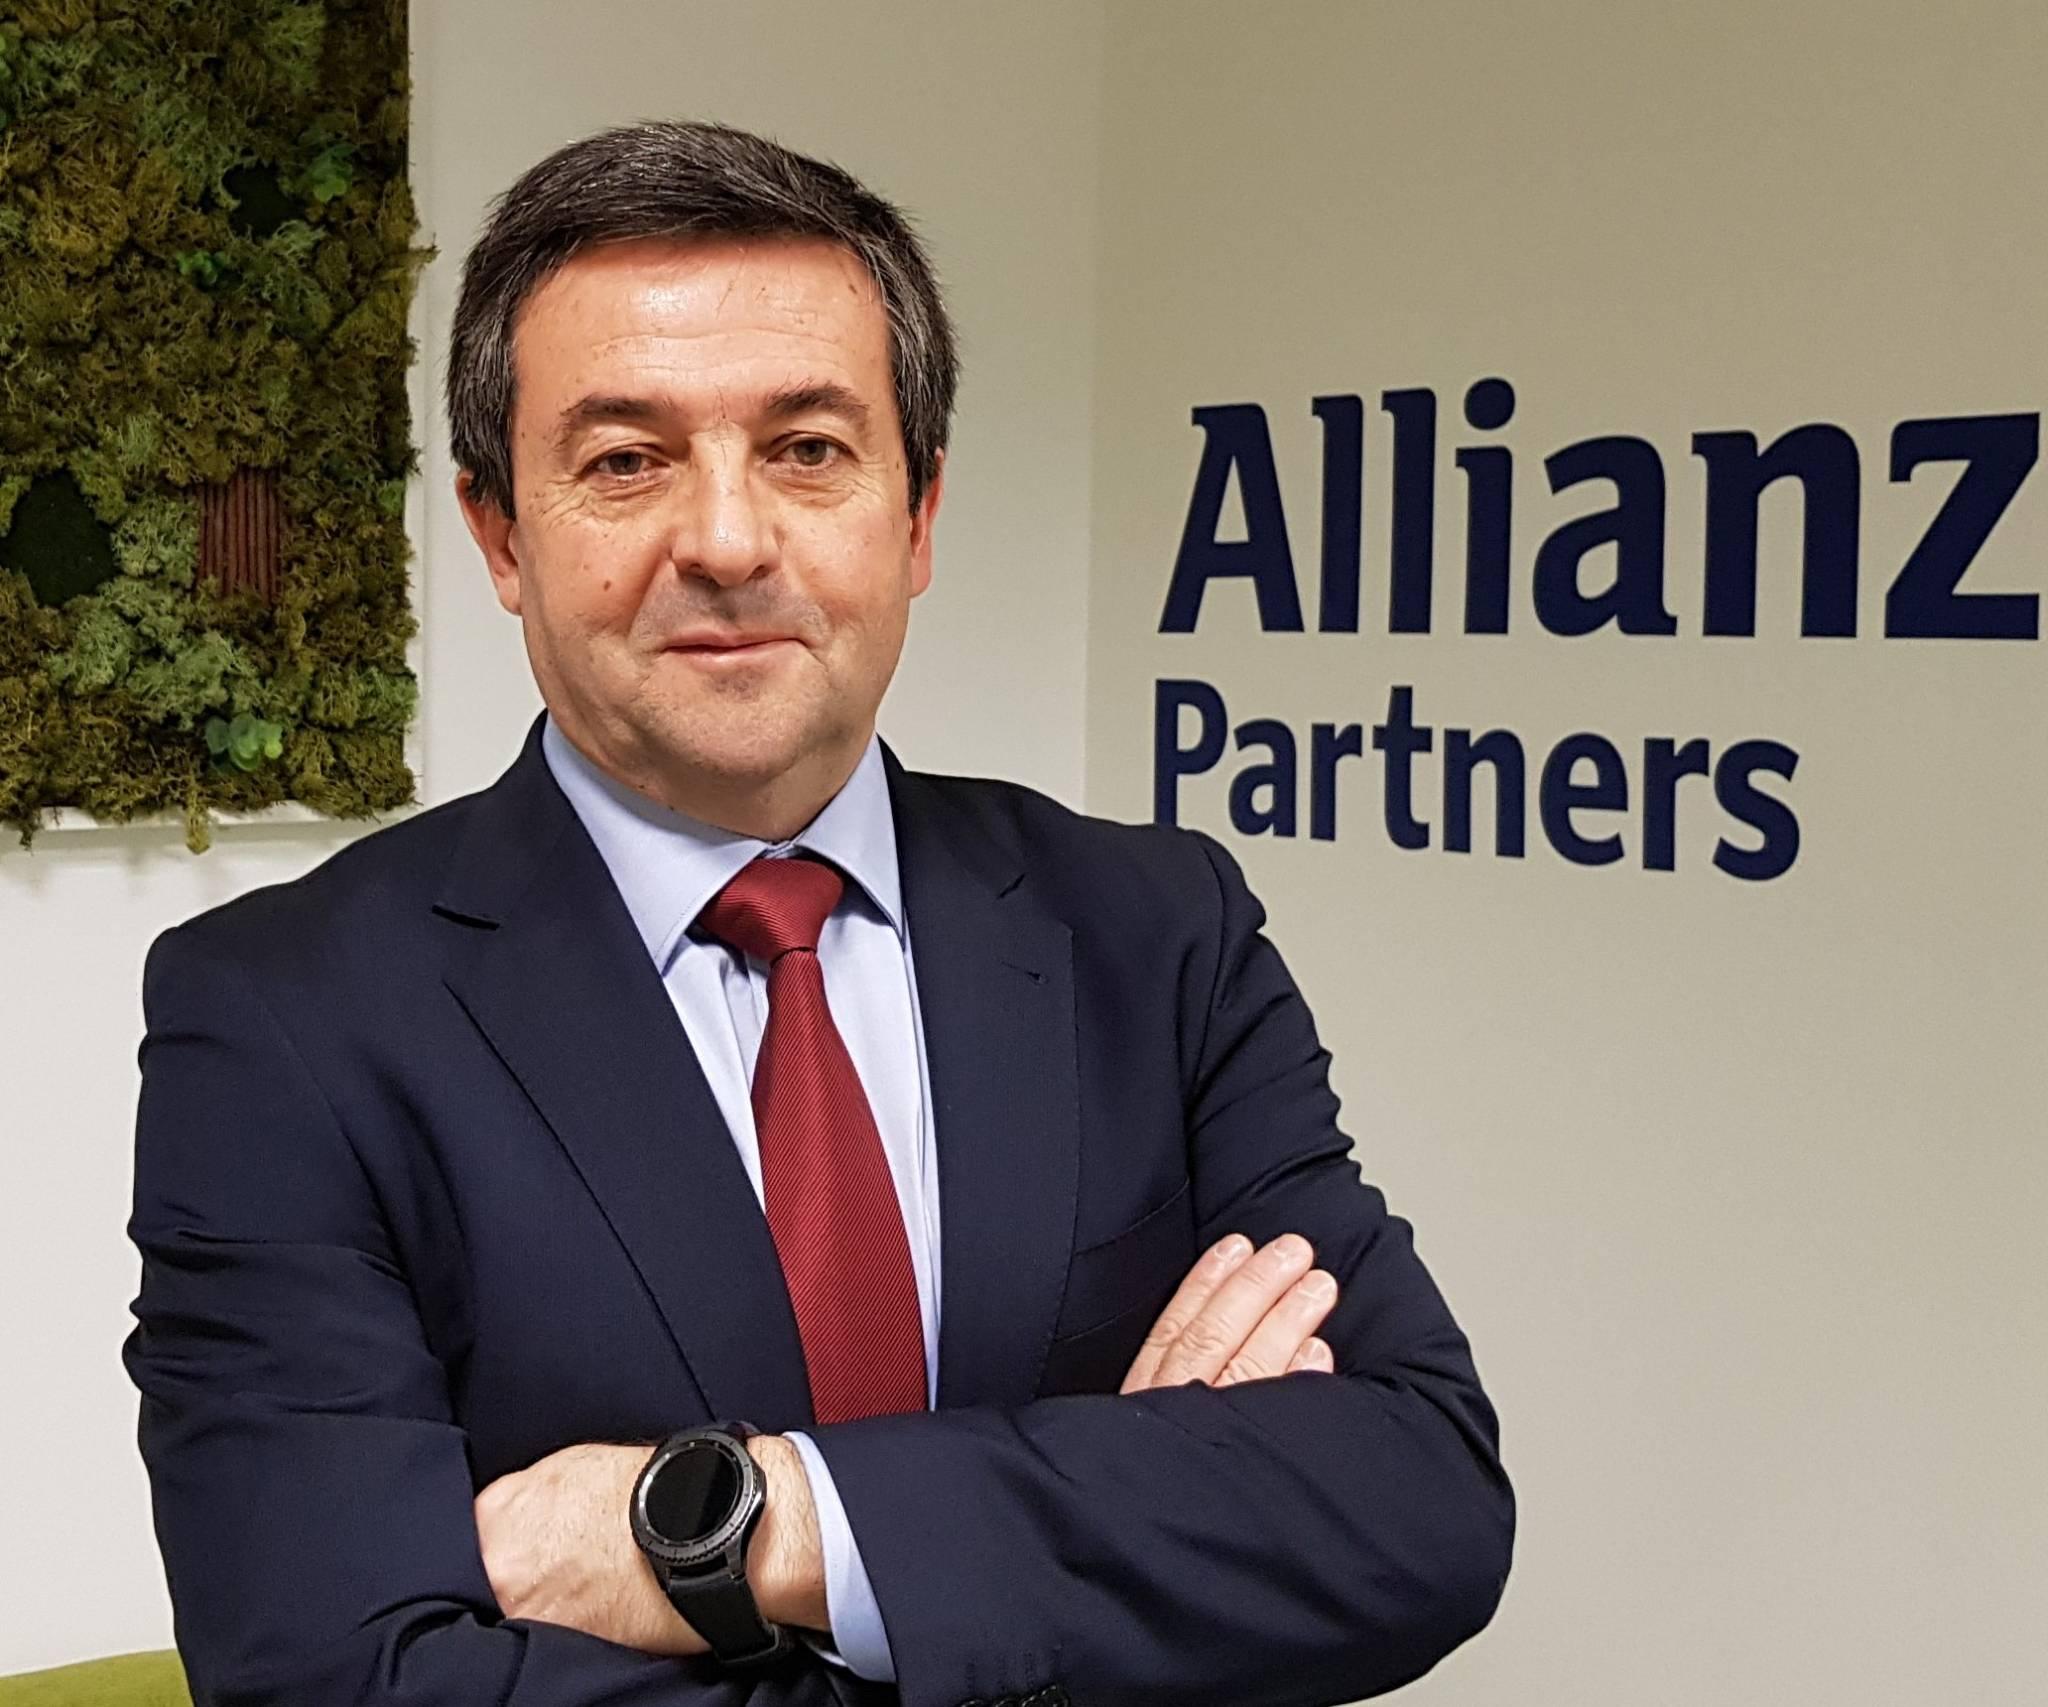 Miguel Angel Herías Pérez, CIO de Allianz